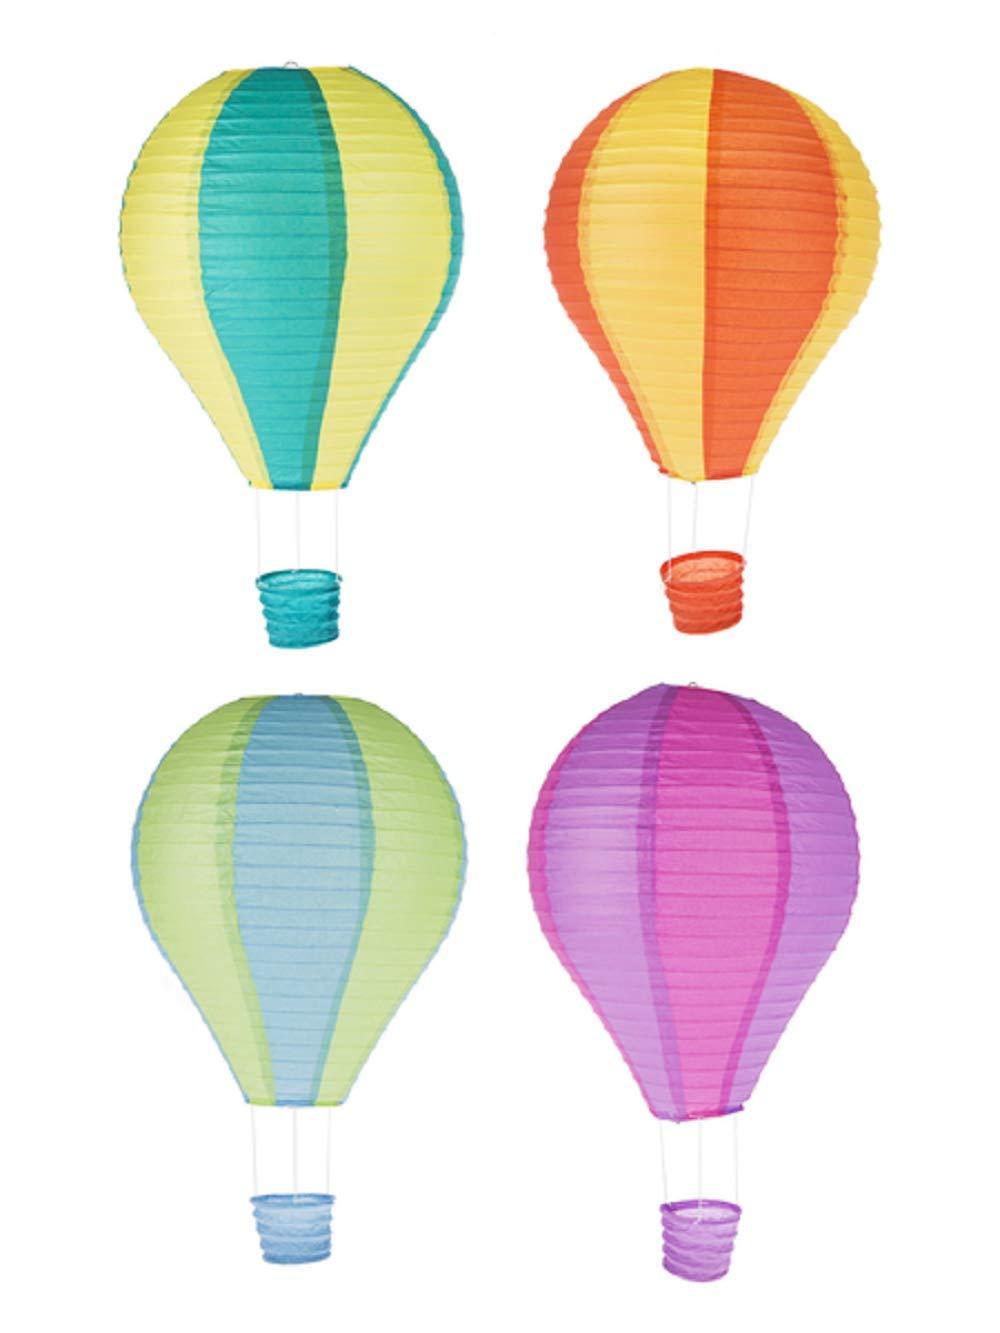 Ganz Hot Air Balloons Paper Lanterns Set of 4 Assorted